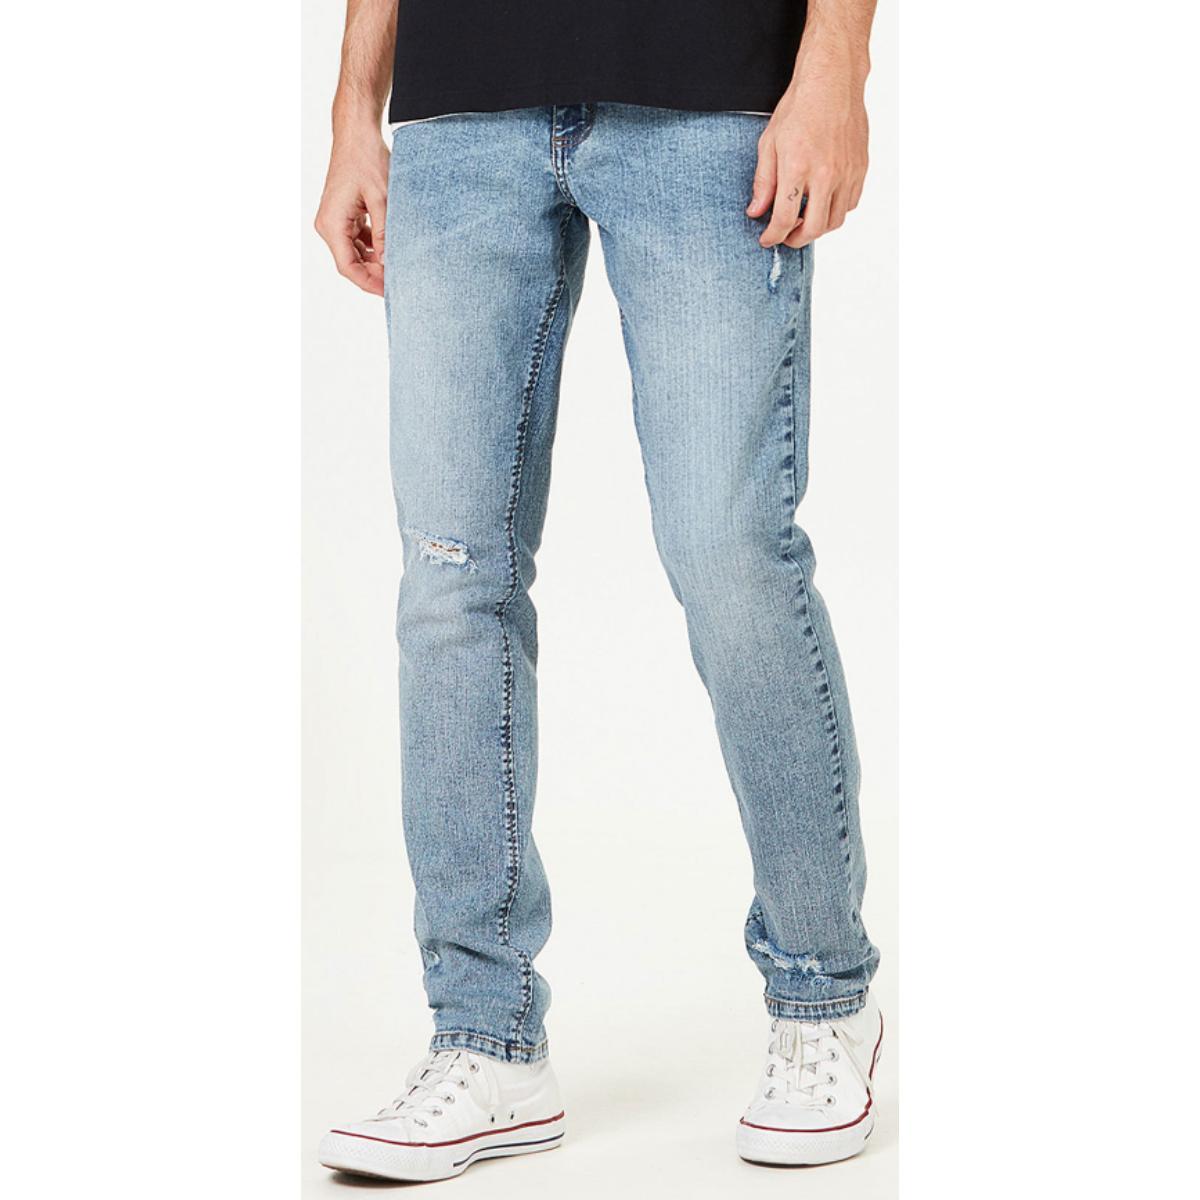 Calça Masculina Hering H1p8 Pjgej Jeans Claro